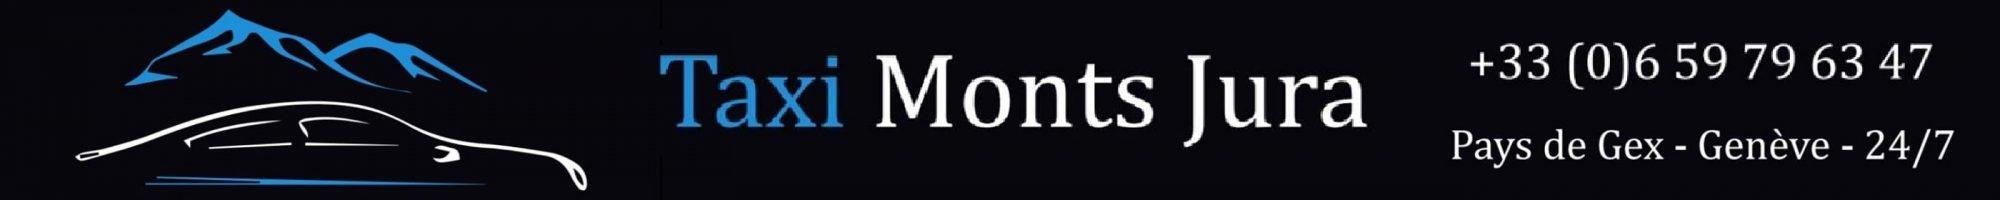 Taxi Monts Jura / Pays de Gex